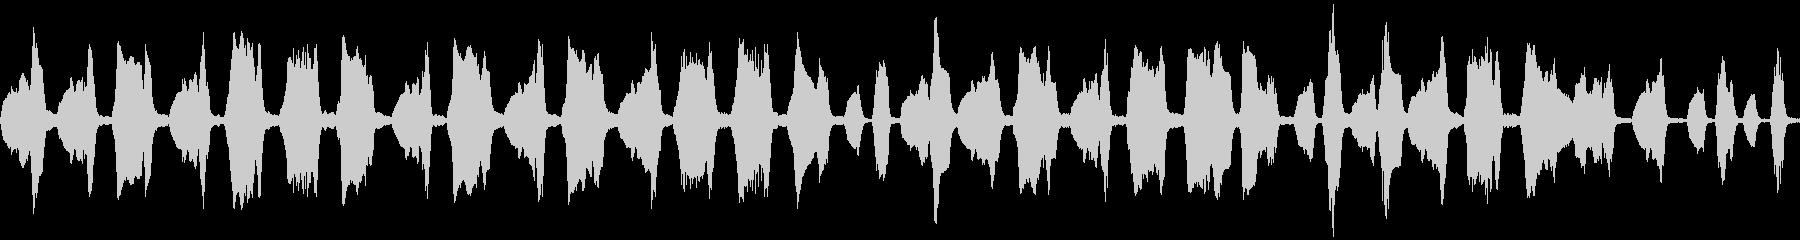 フルートのほのぼのとしたかわいい曲の未再生の波形